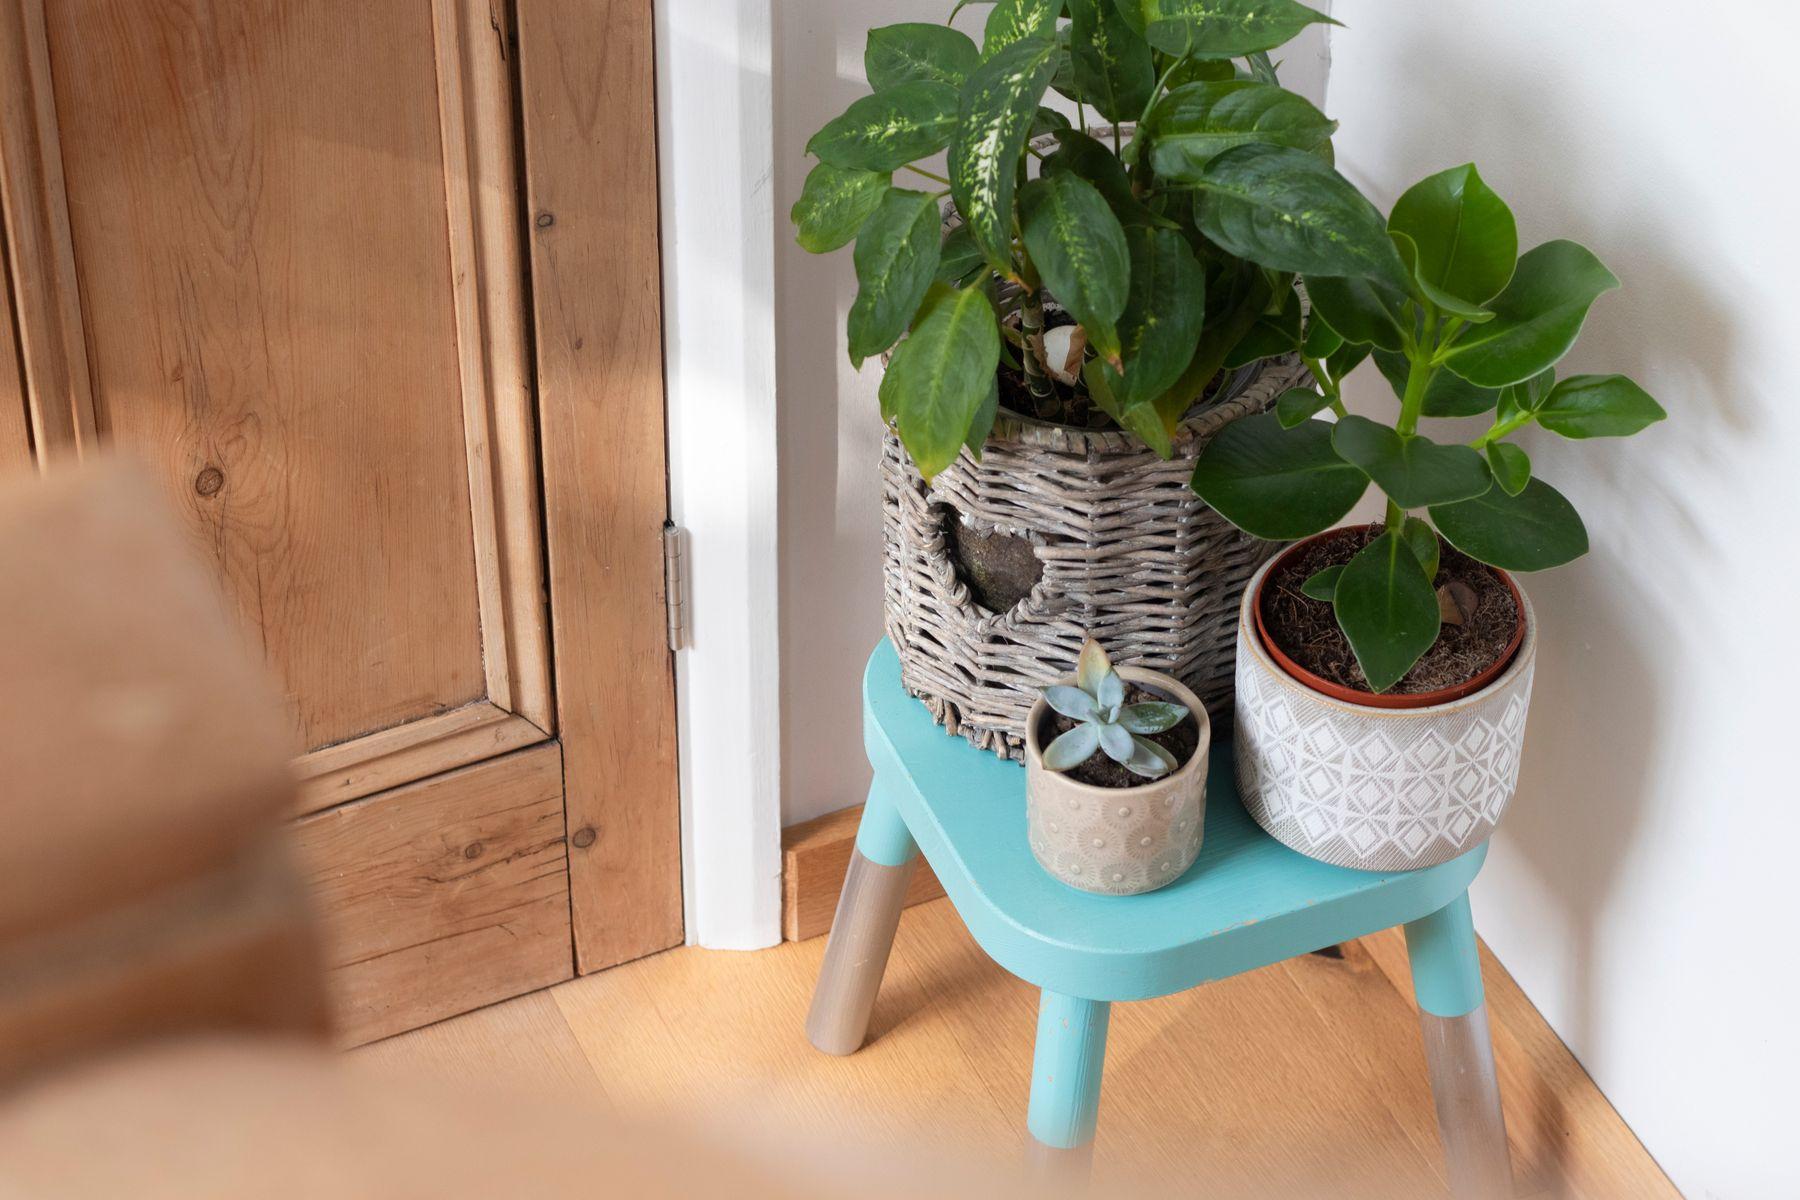 Três vasos de plantas em banquinho no canto da sala